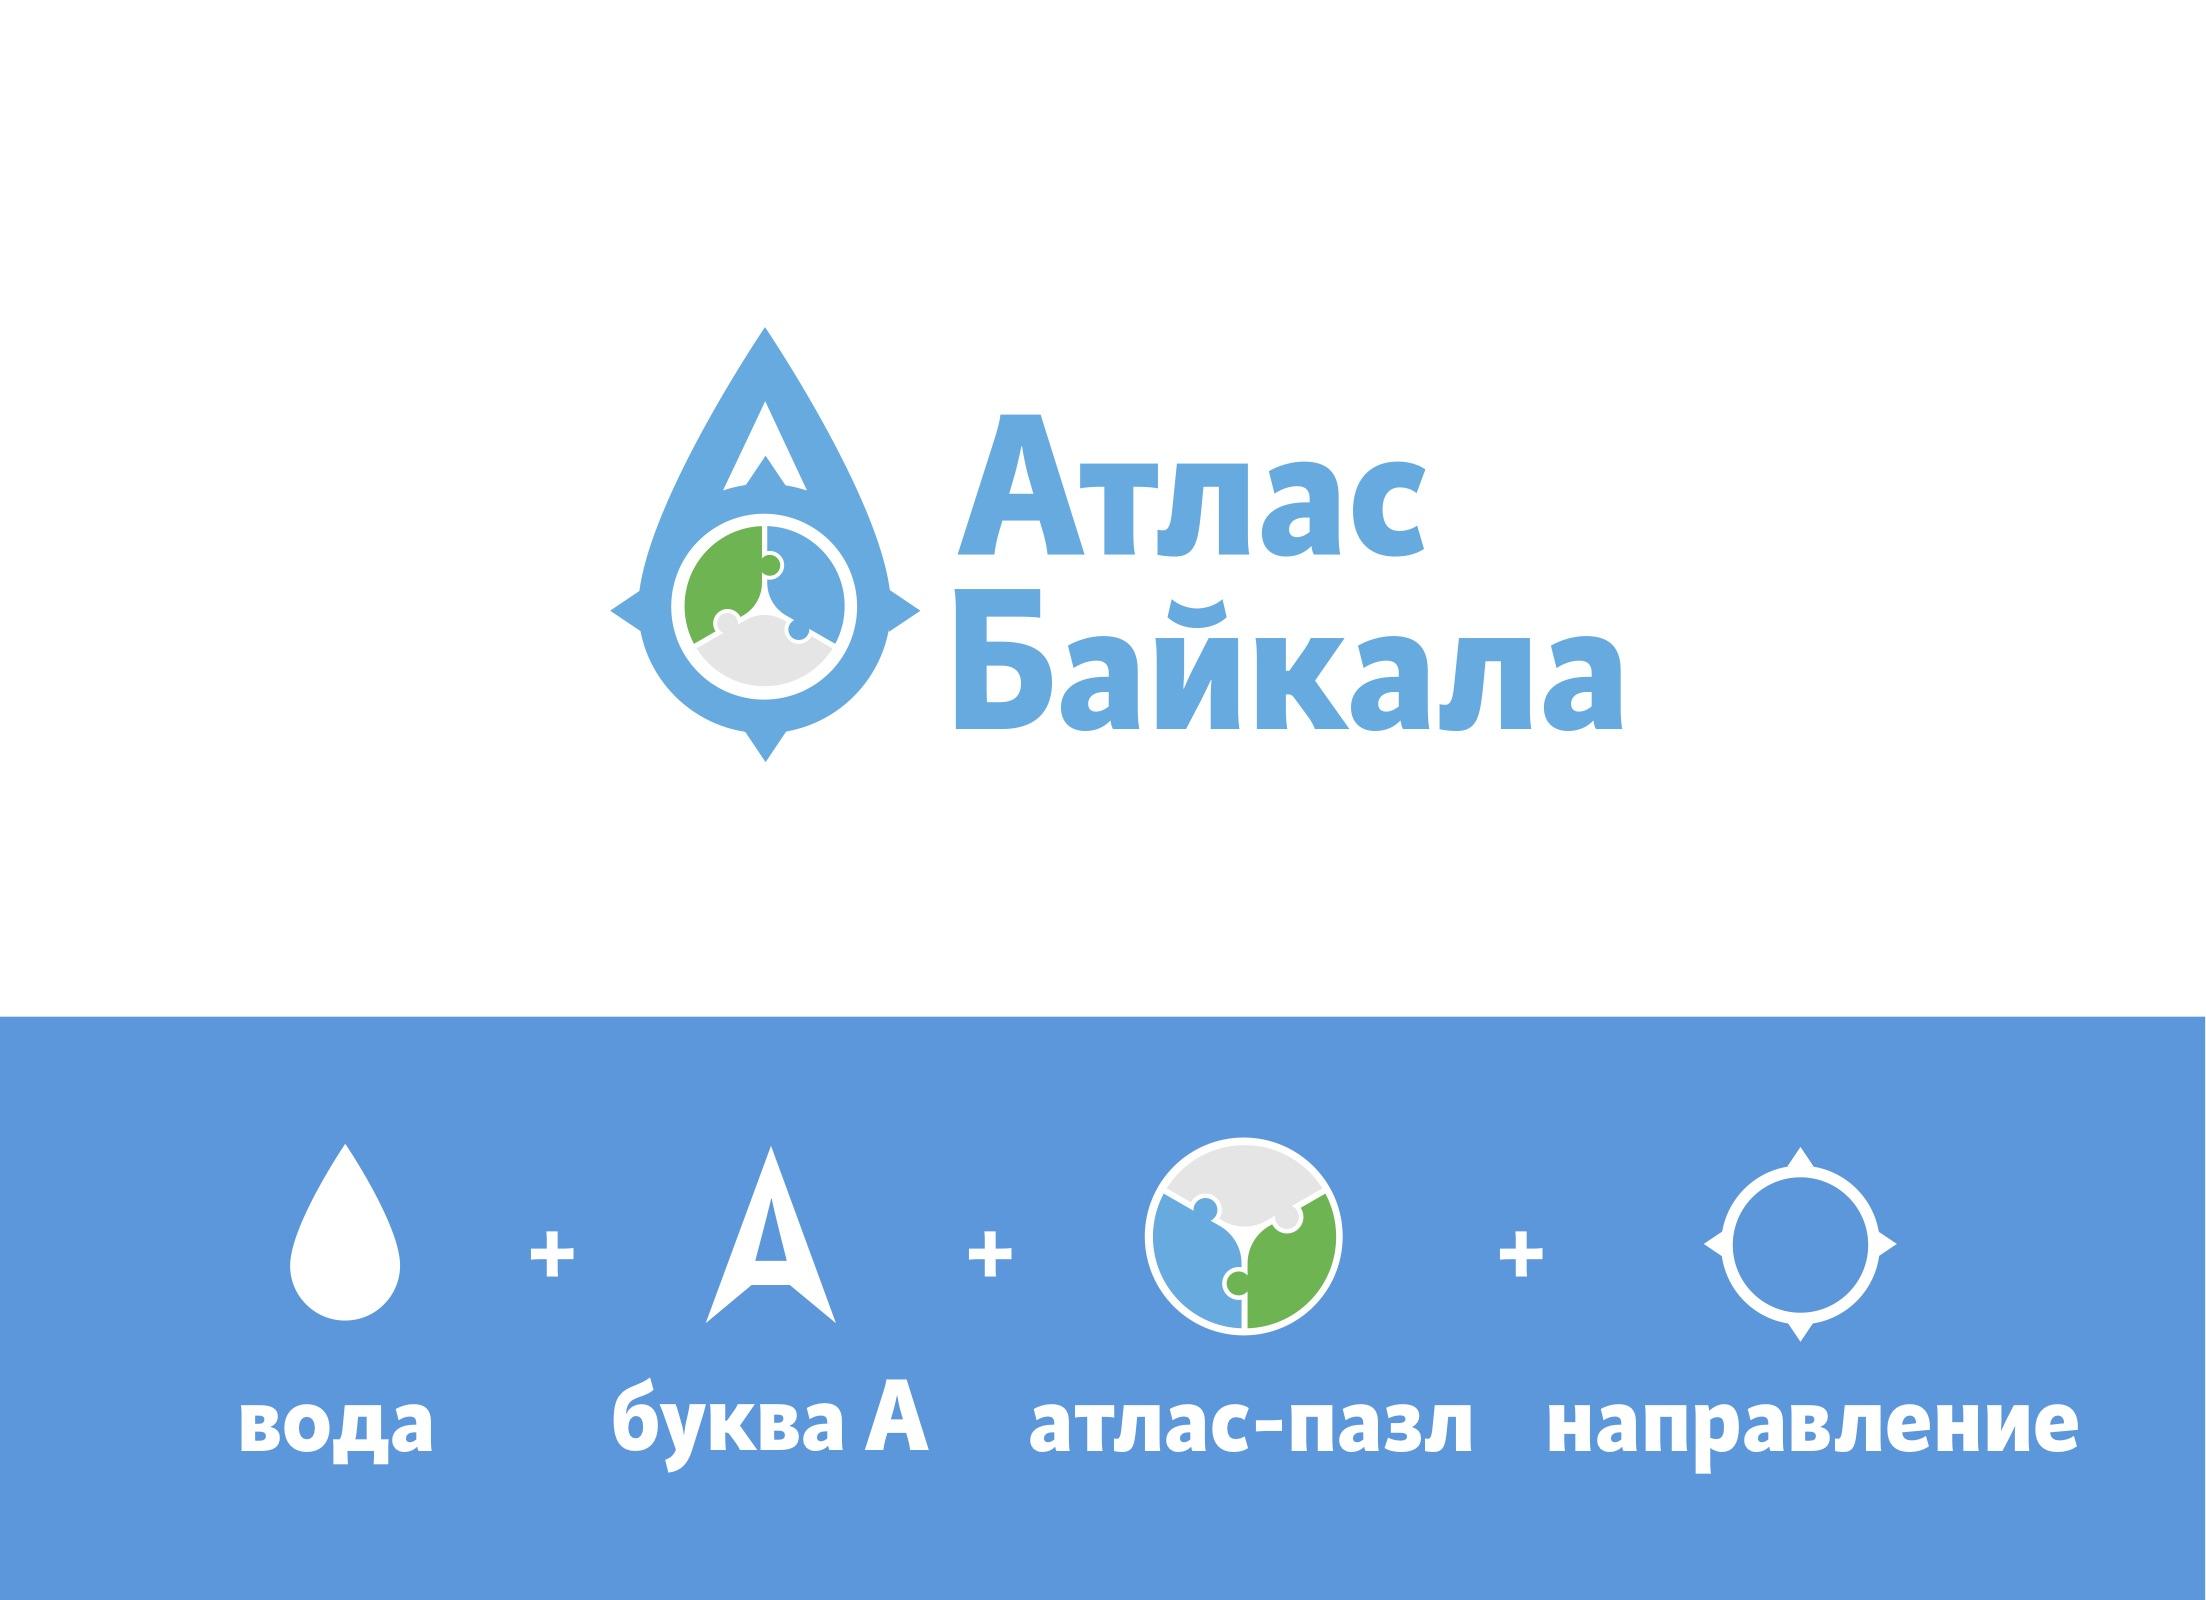 Разработка логотипа Атлас Байкала фото f_0525afa9d4c2aab4.jpg